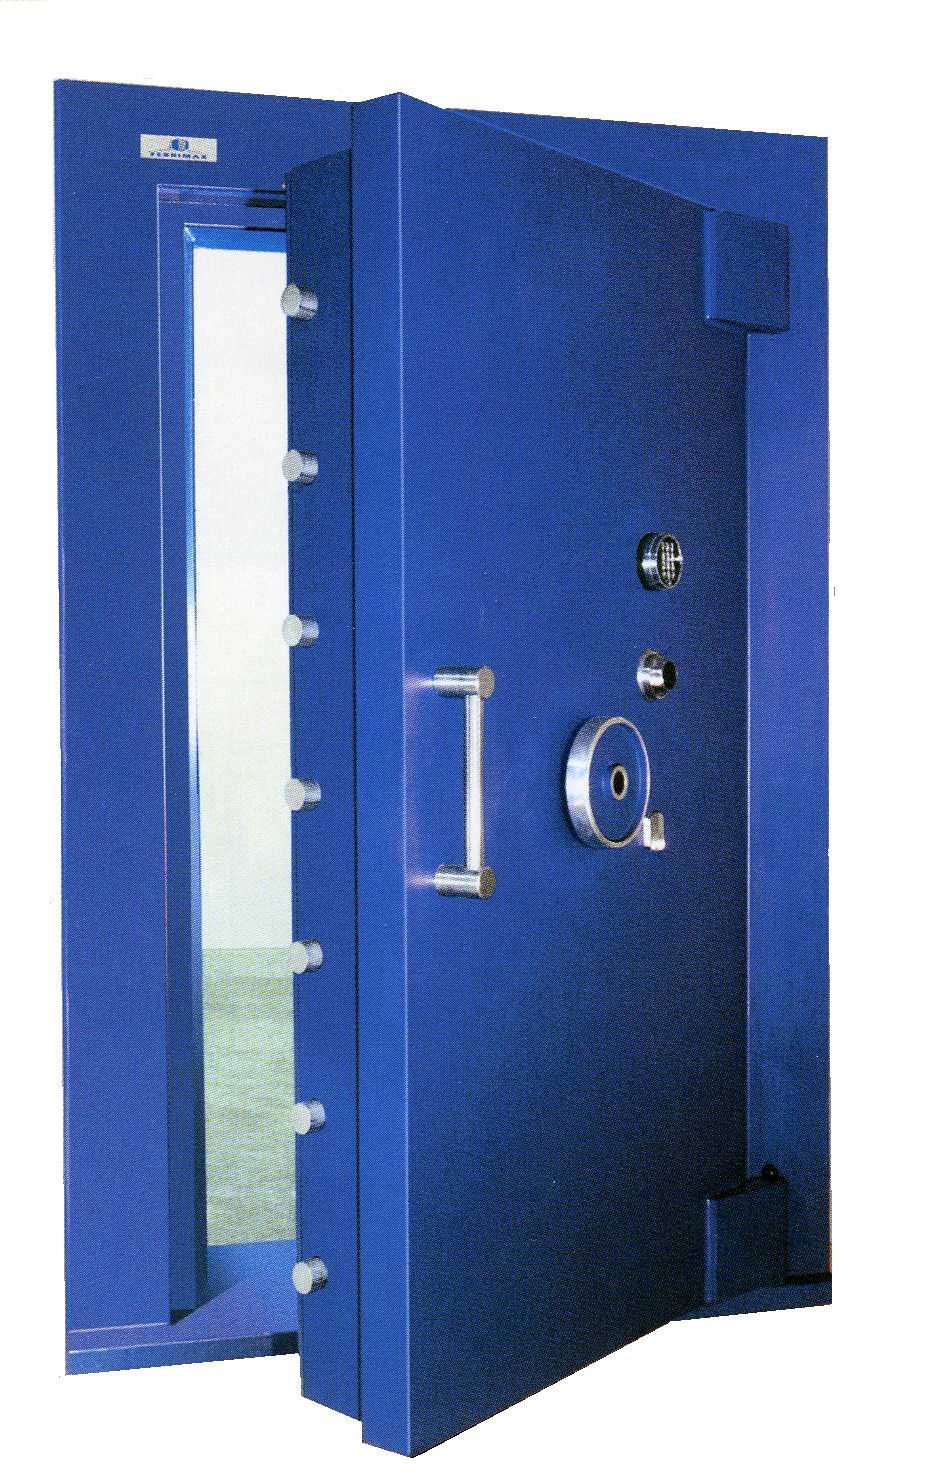 Porte chambre forte gendarmerie avec des id es int ressantes pour la conception for Porte pour chambre forte